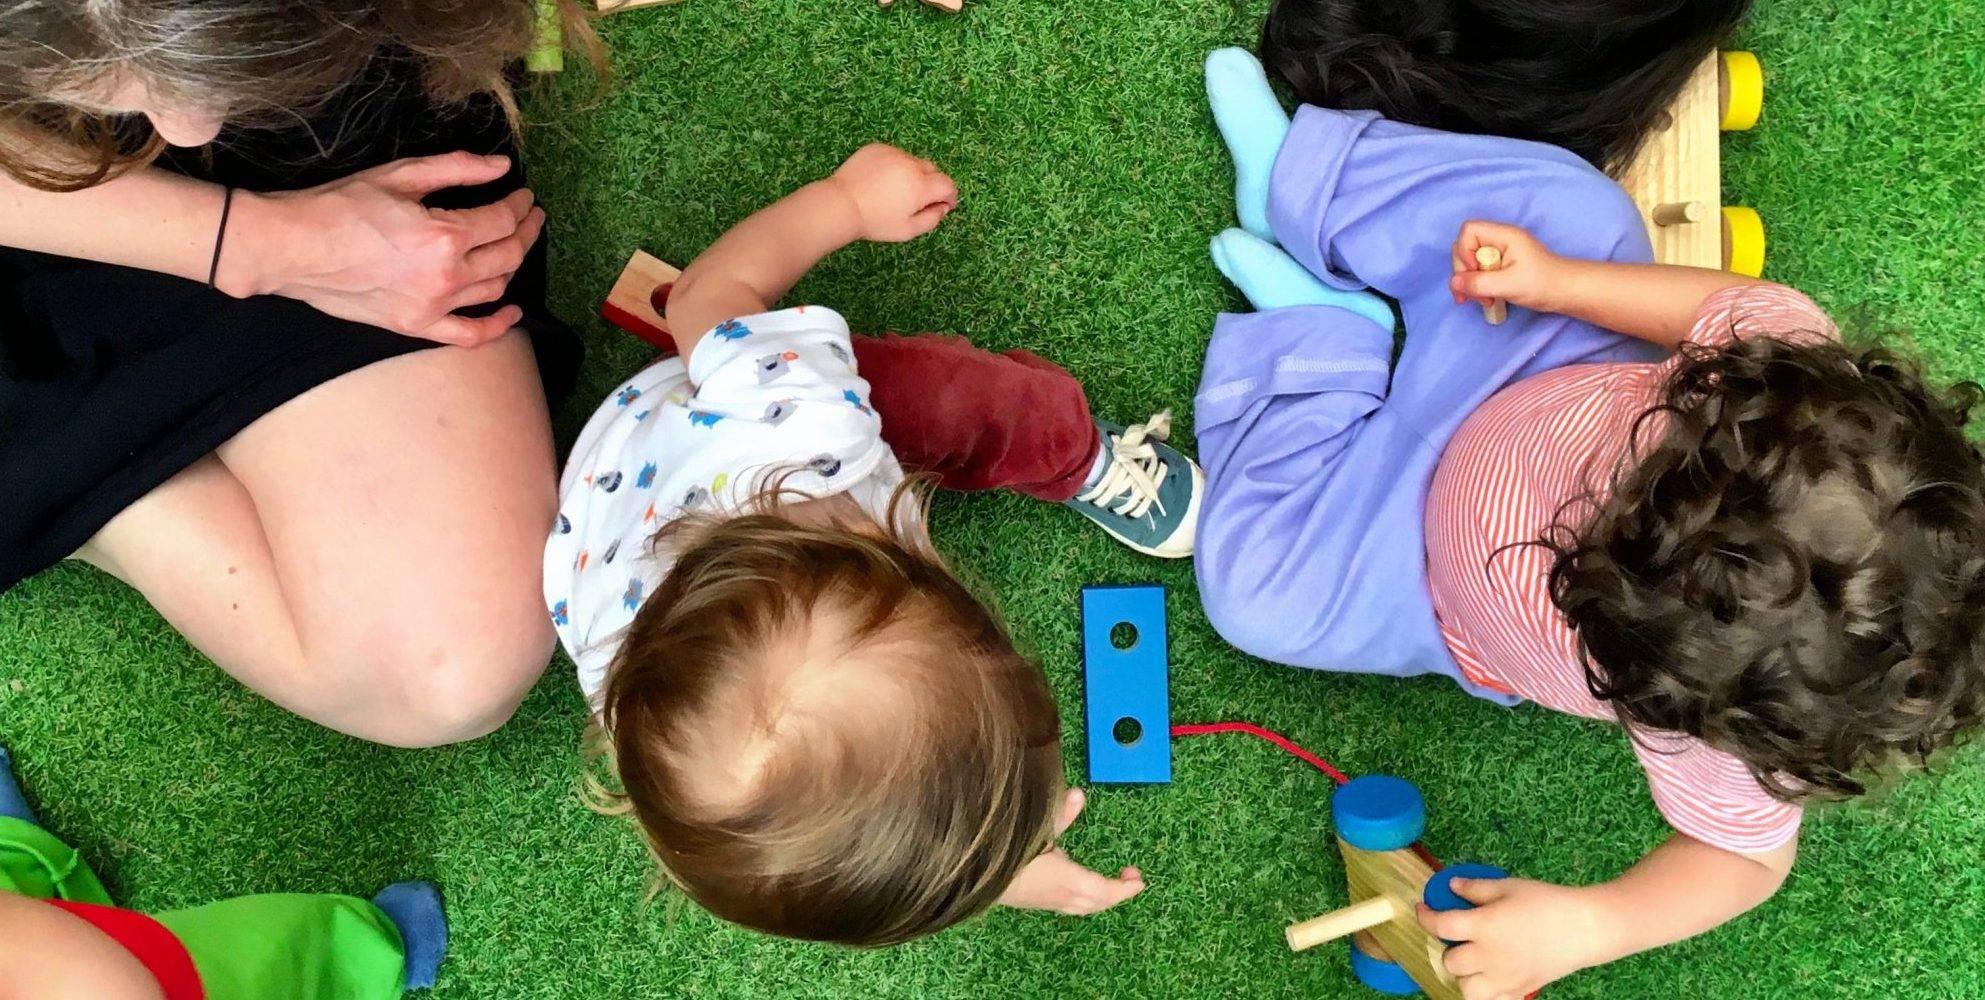 www.juicysantos.com,.br - santos para crianças programação infantil no sesc santos